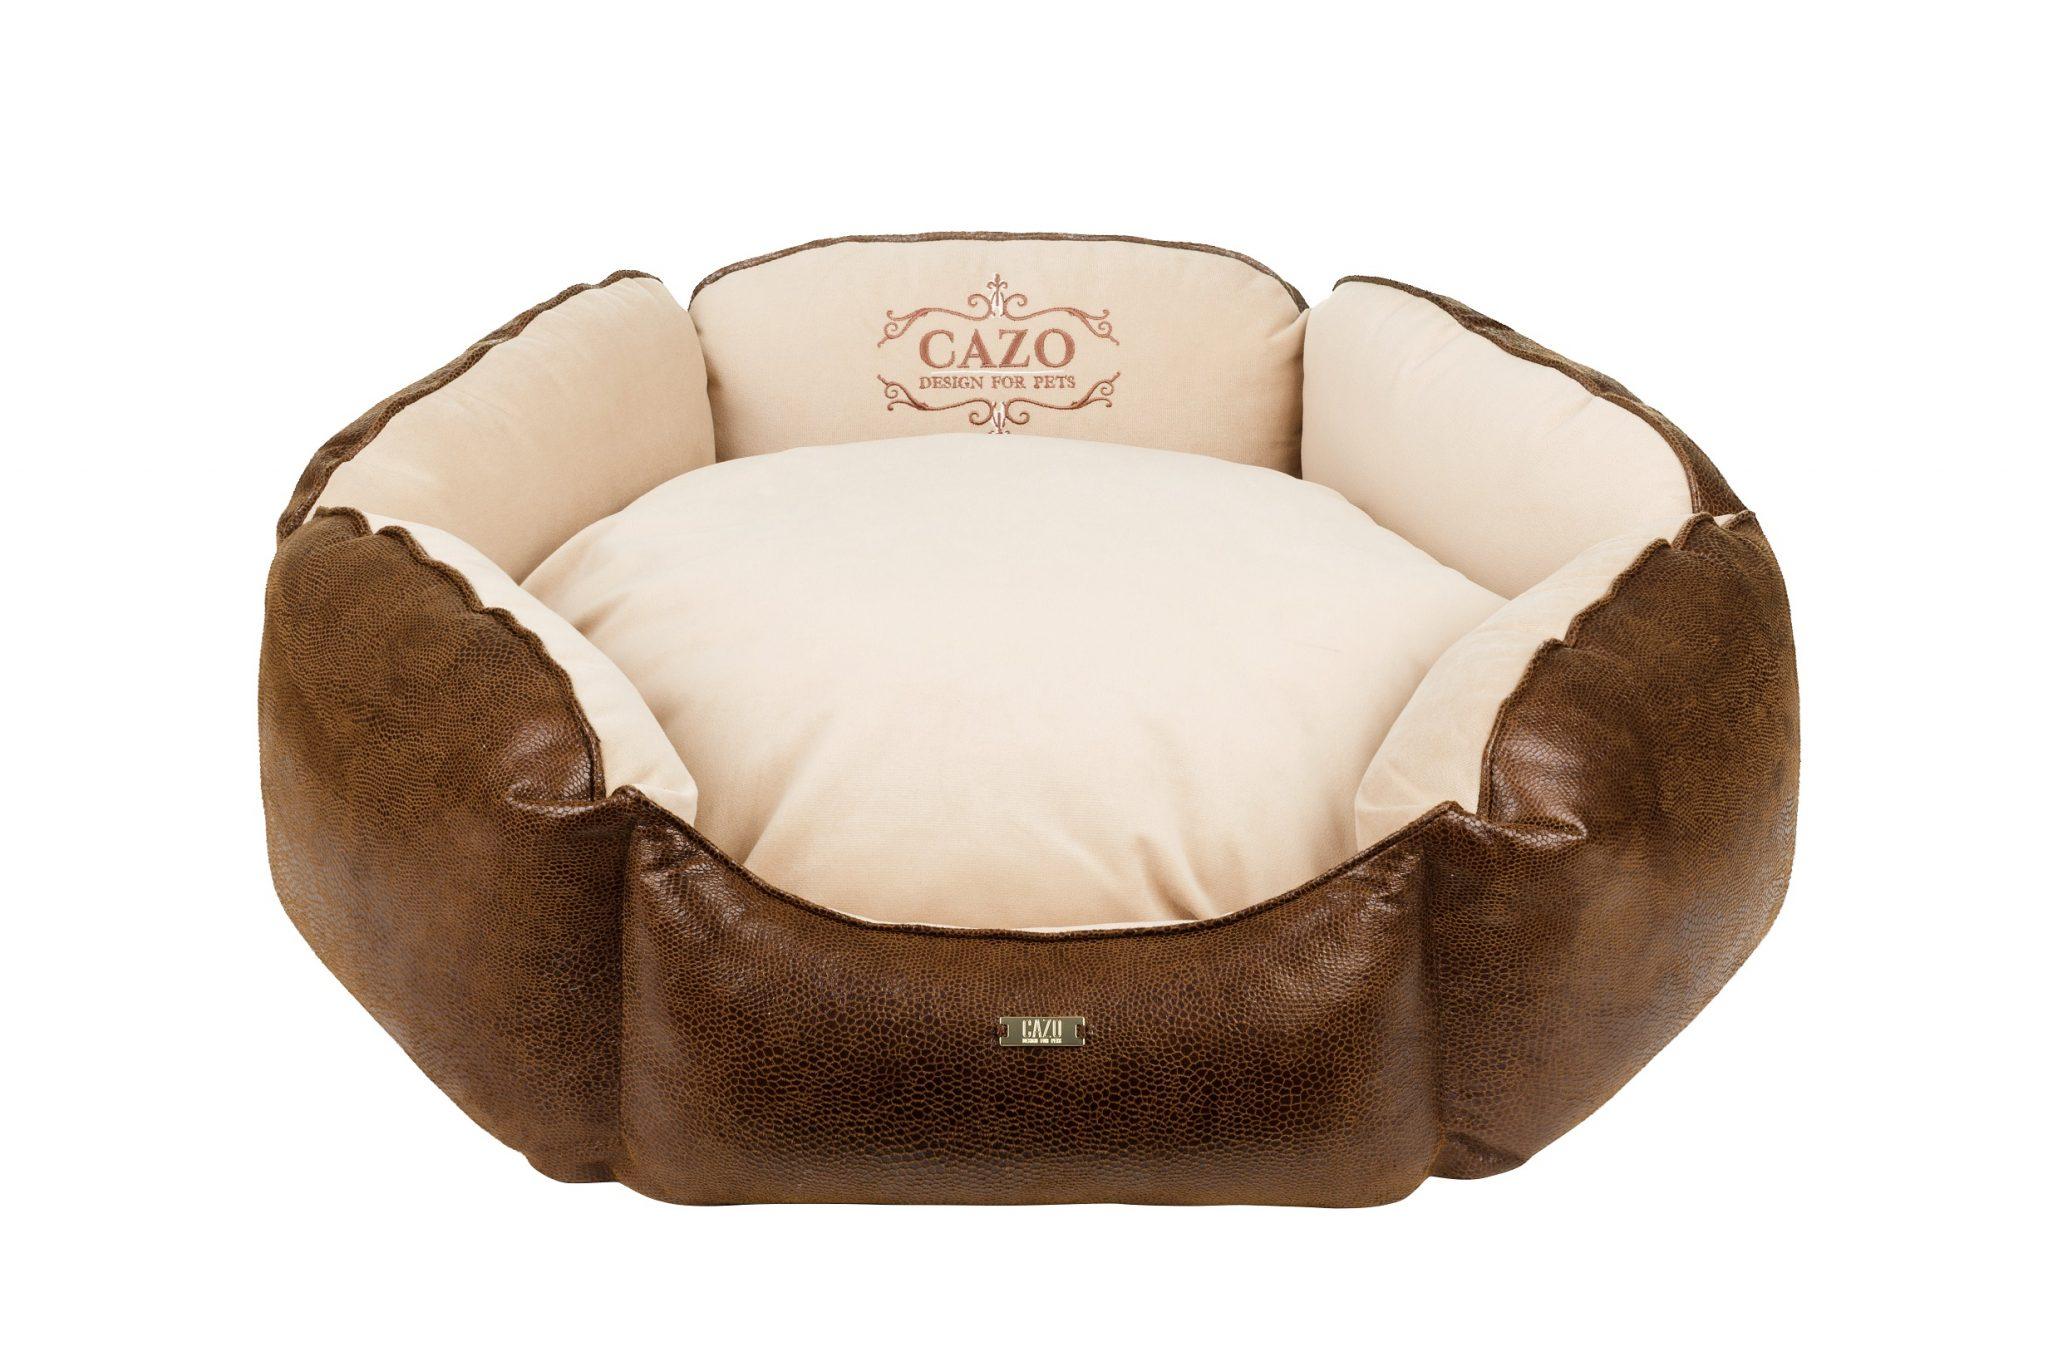 Pelech Cazo Classy King hnedý, spĺňa všetky náročné kritéria potrebné pre pohodlie vášho domáceho maznáčika, ktorými sú kvalita, komfort, moderný dizajn, originalita a jednoduchosť v údržbe.